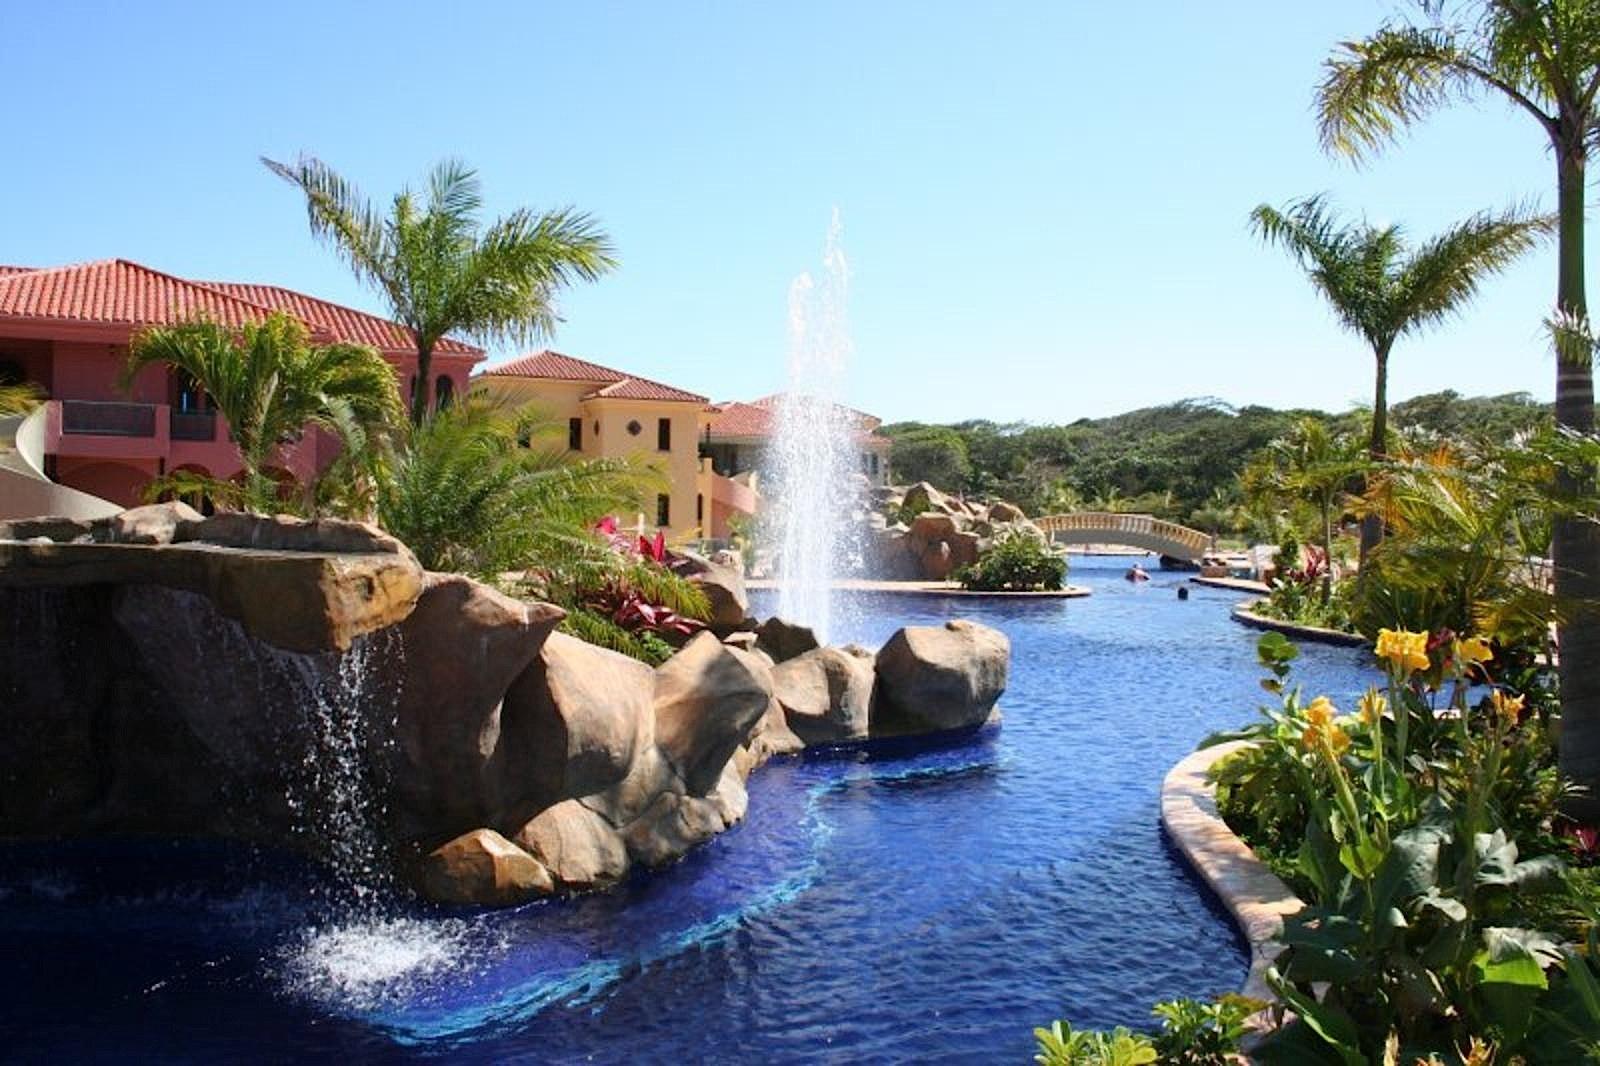 Parrot Tree Beach Resort Day Pass